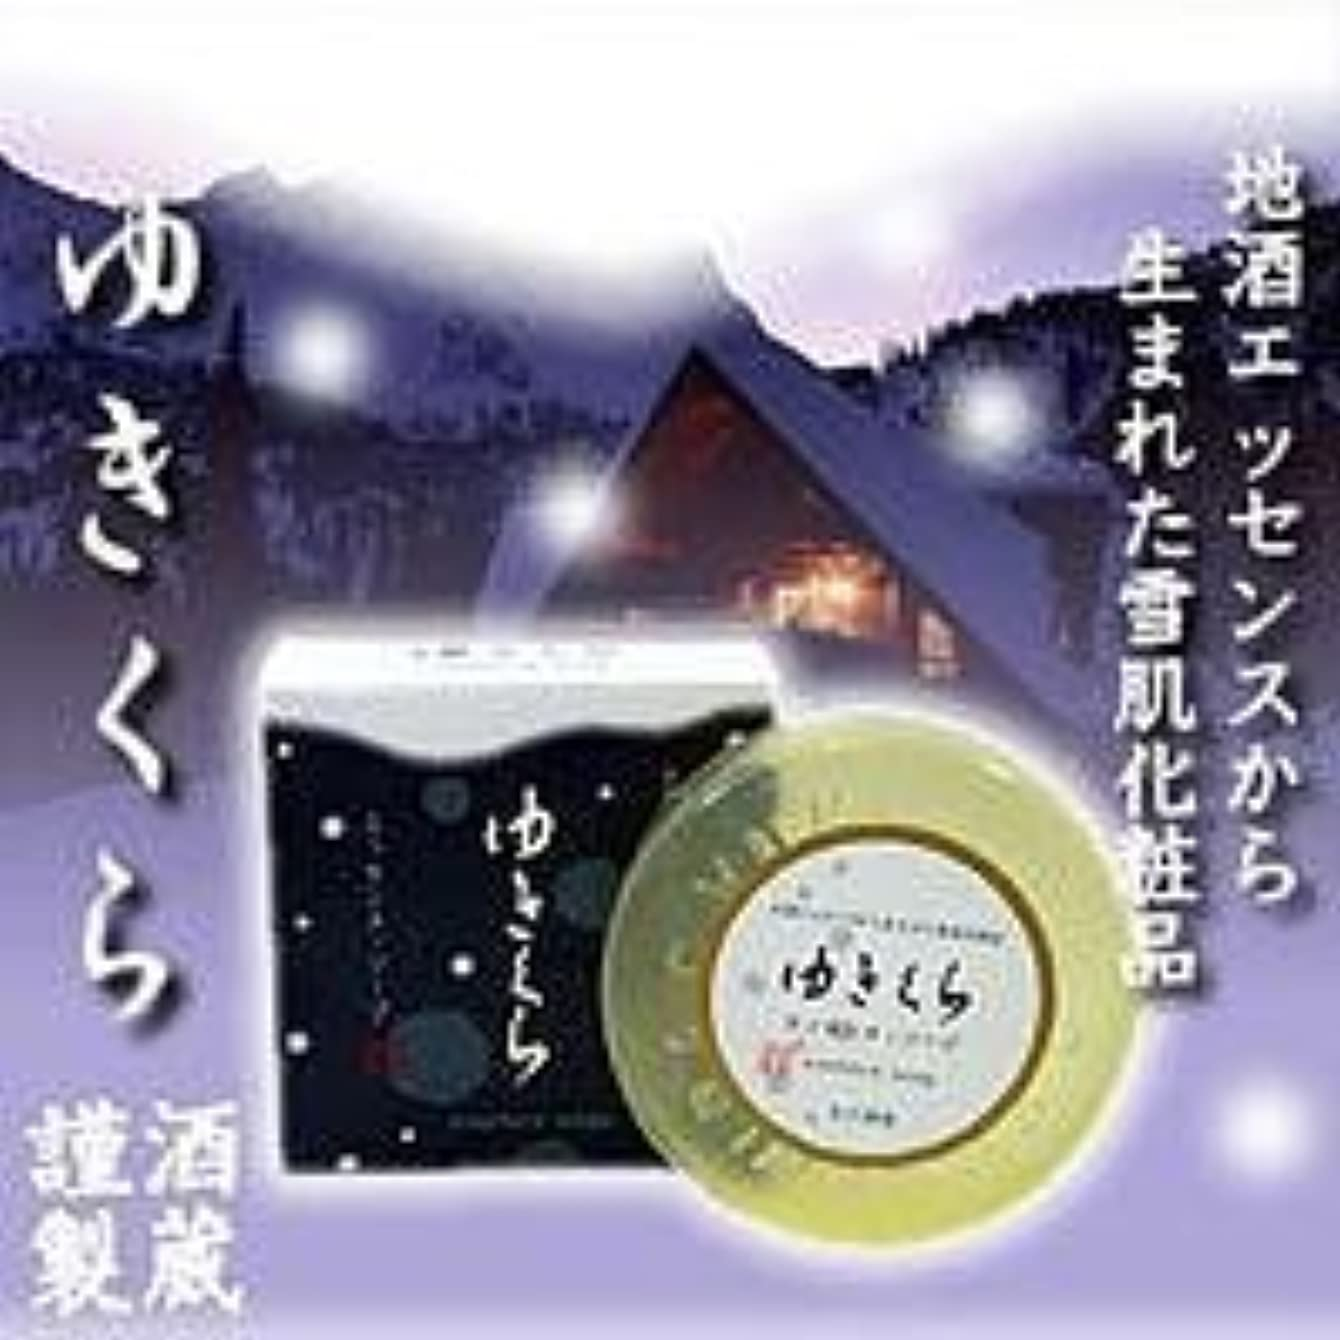 まだ愛する星ゆきくら透明石鹸 エッセンスソープ90g